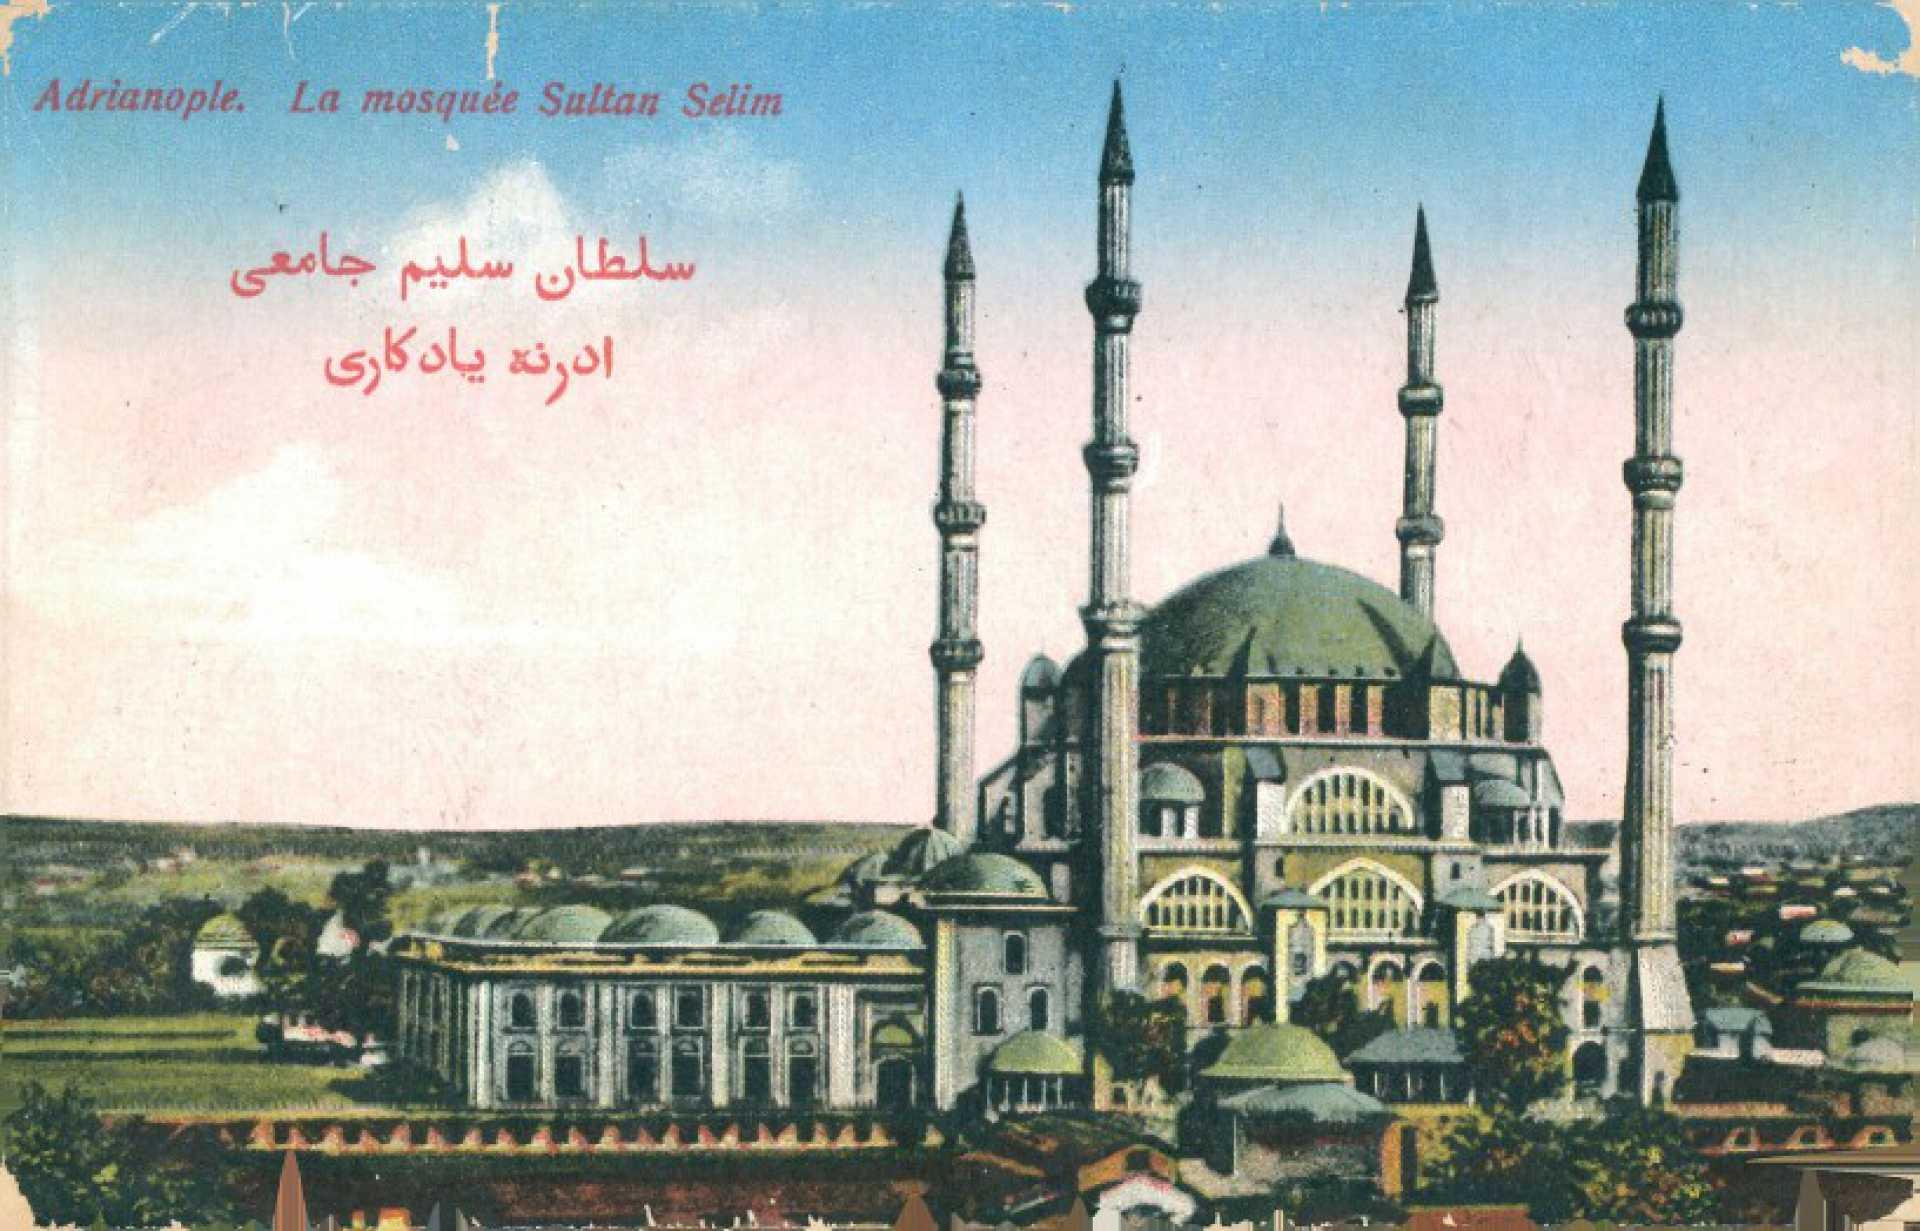 La mosquee Sultan Selim